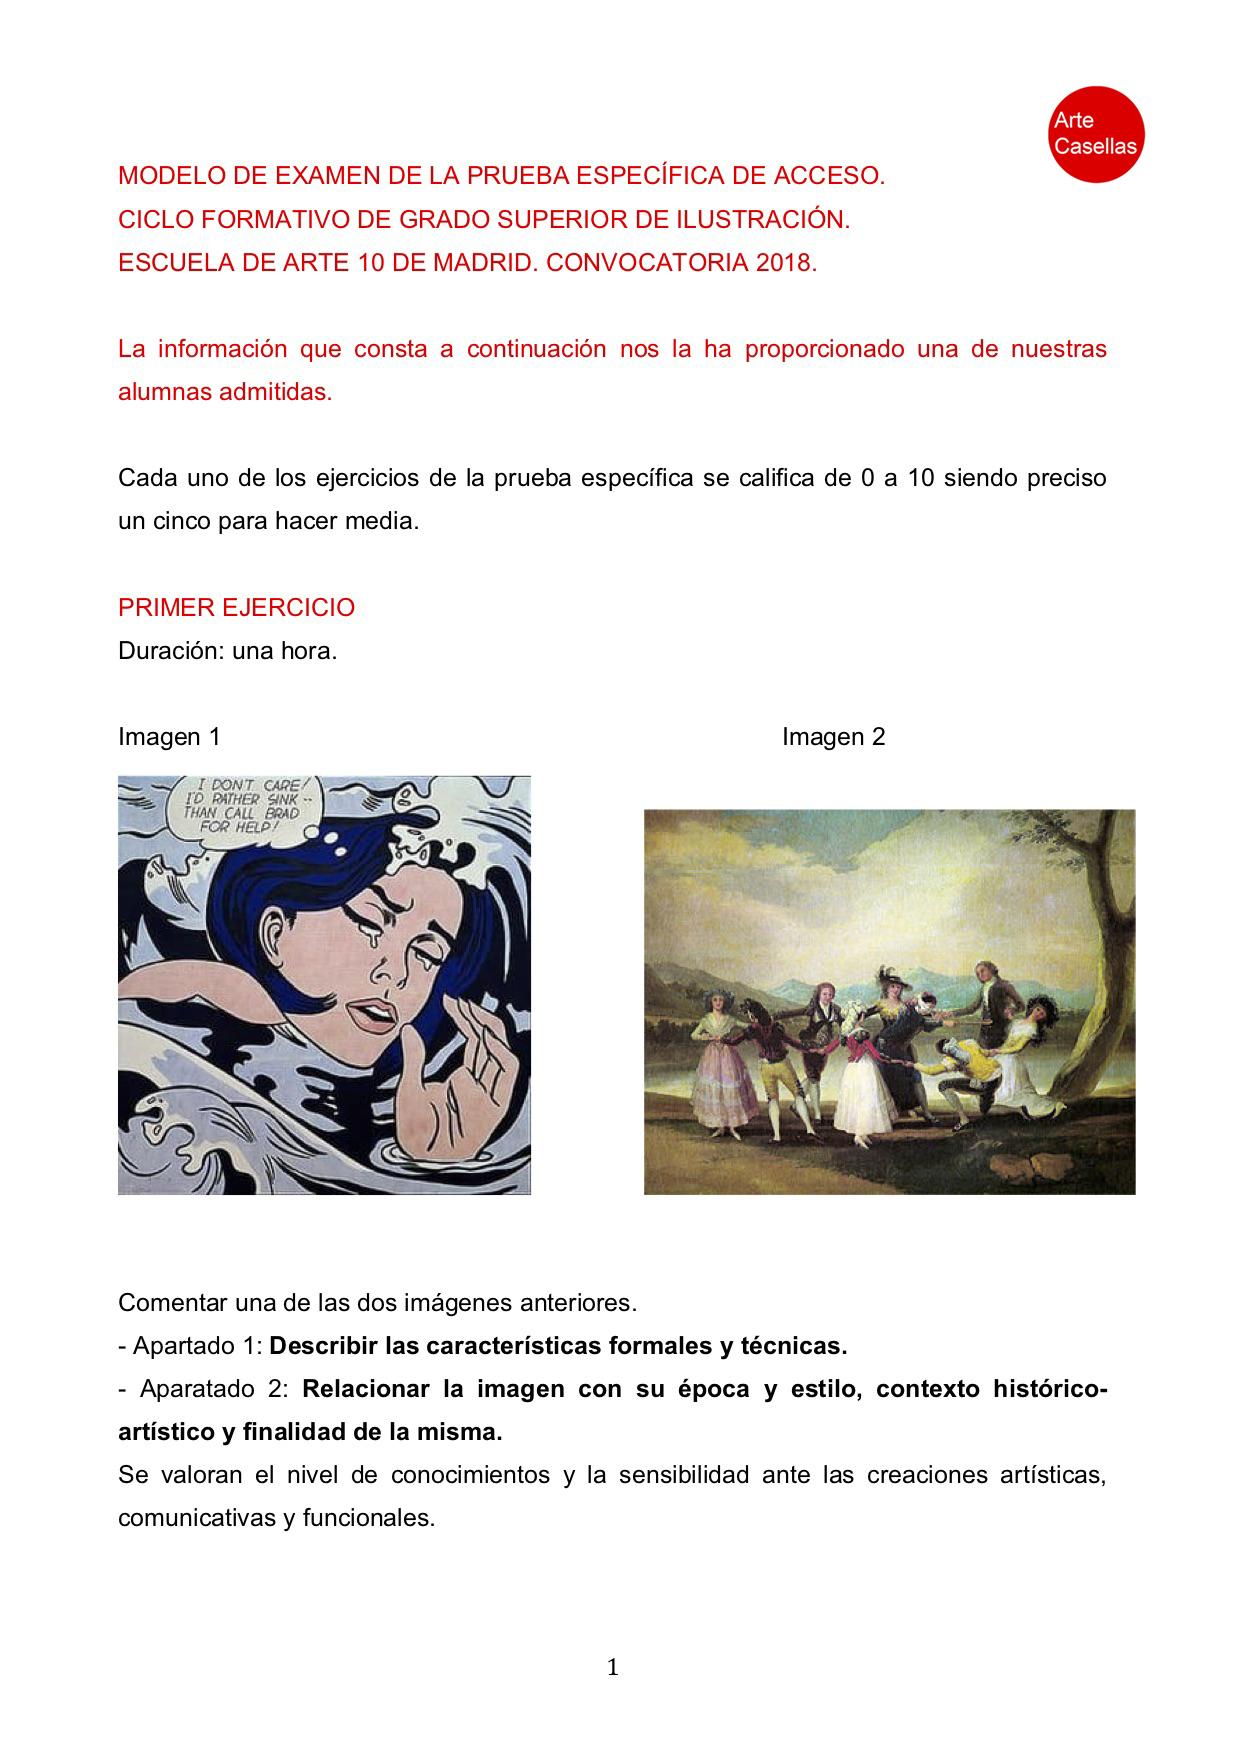 Arte Casellas. Modelo examen prueba específca Arte Diez Ilustración 2018. Clases preparación. Presencial. Online